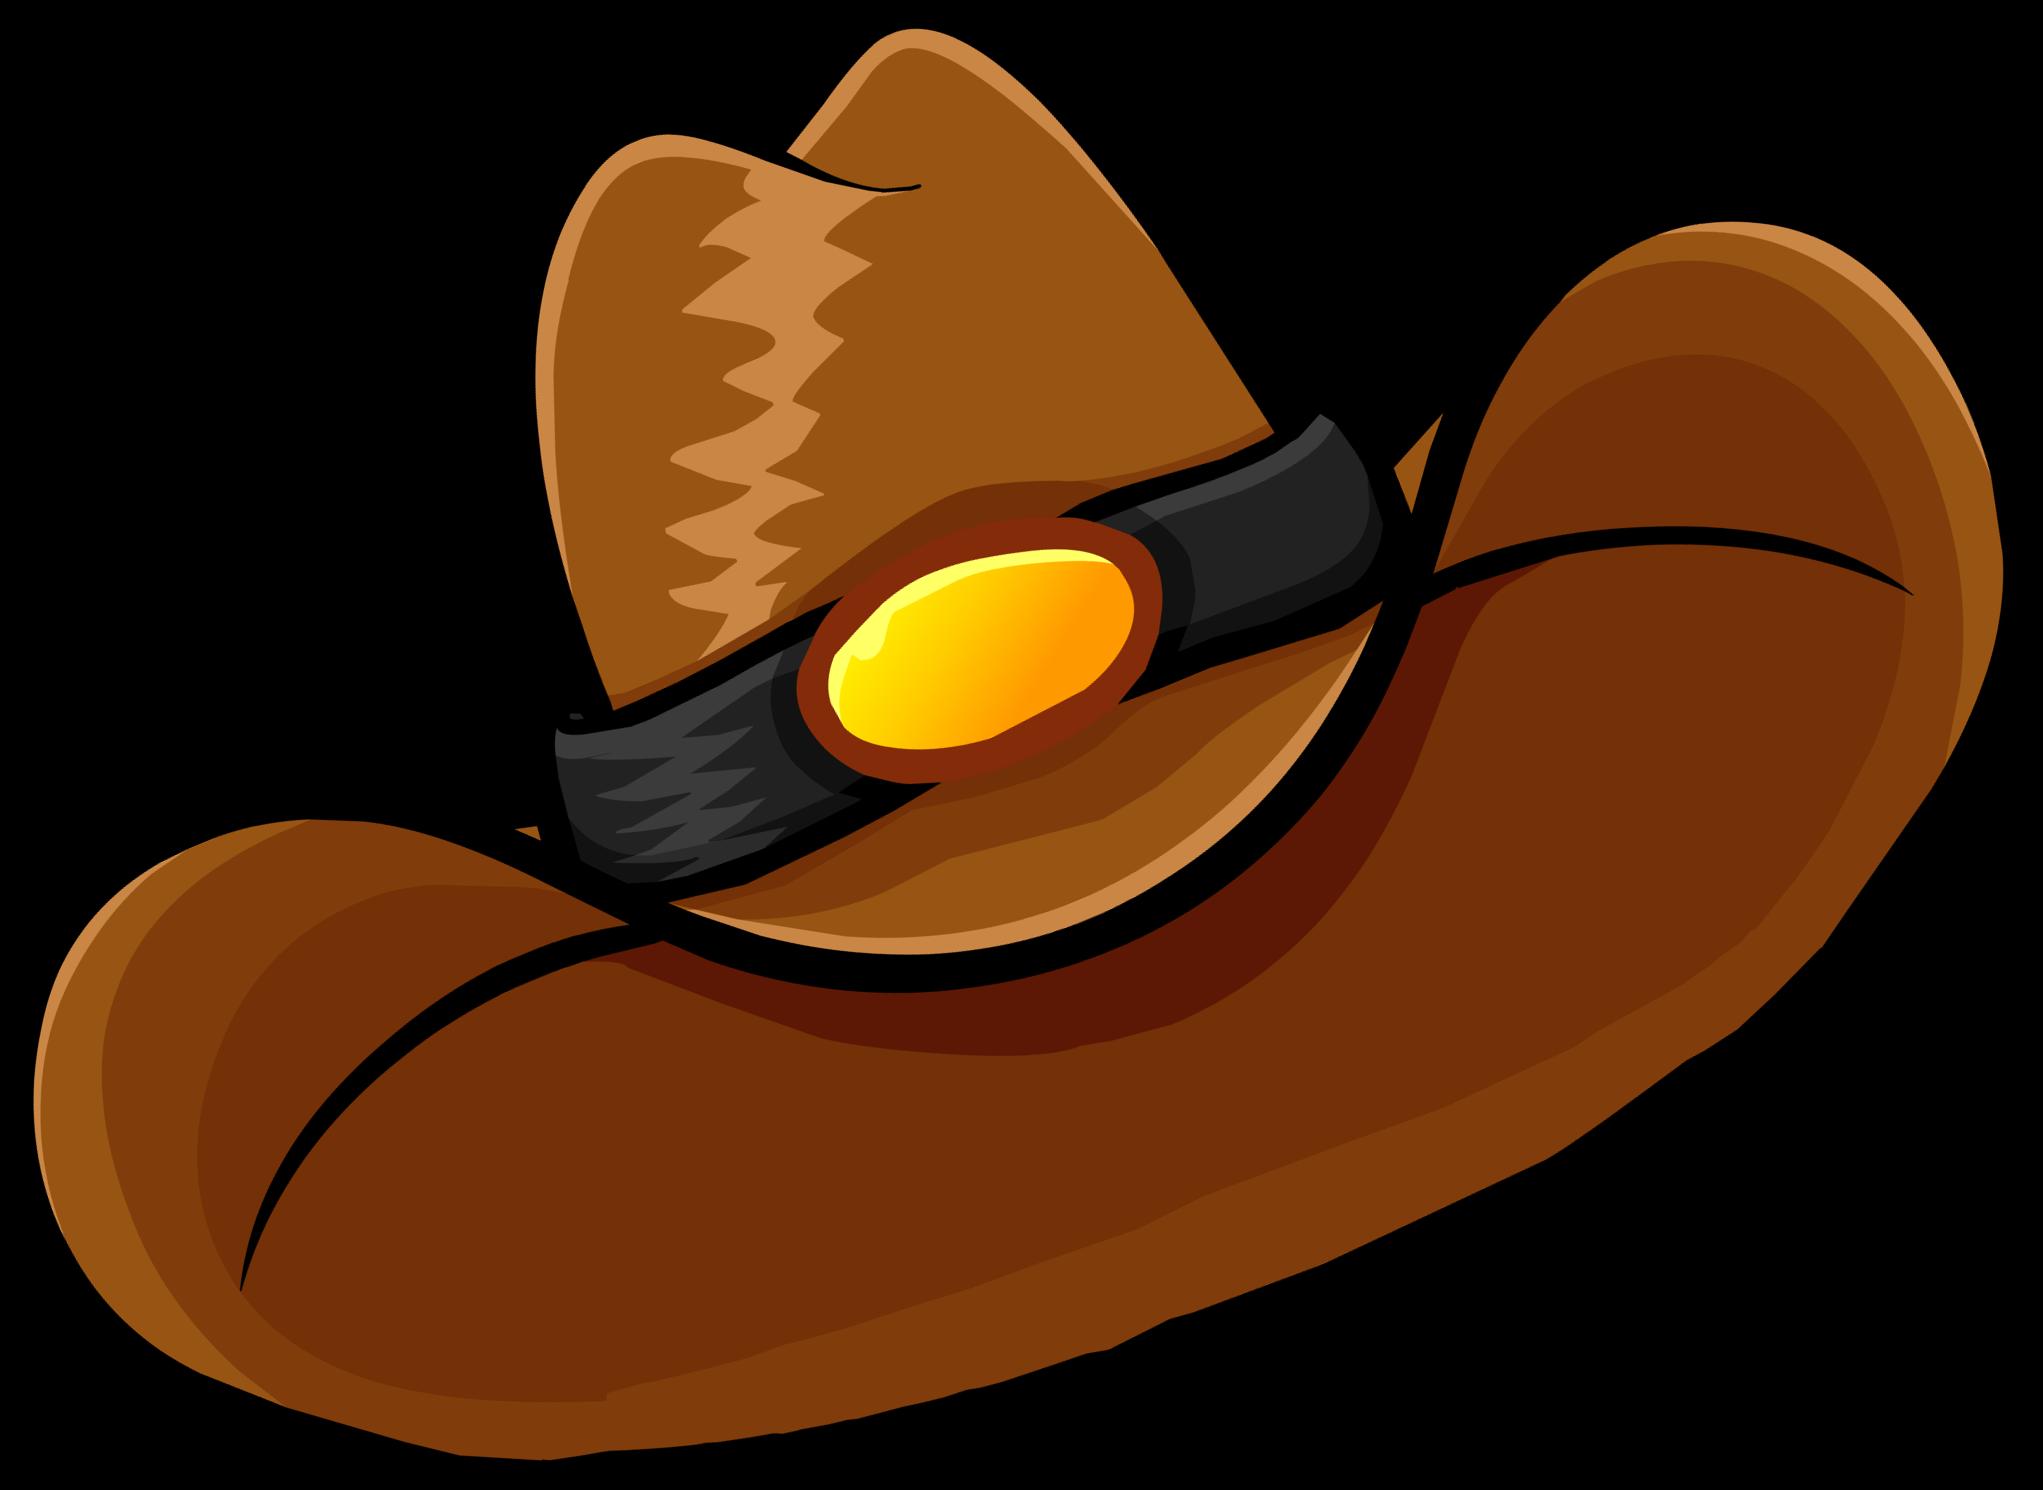 Cowboy Hat Images Brown Cowboy Hat